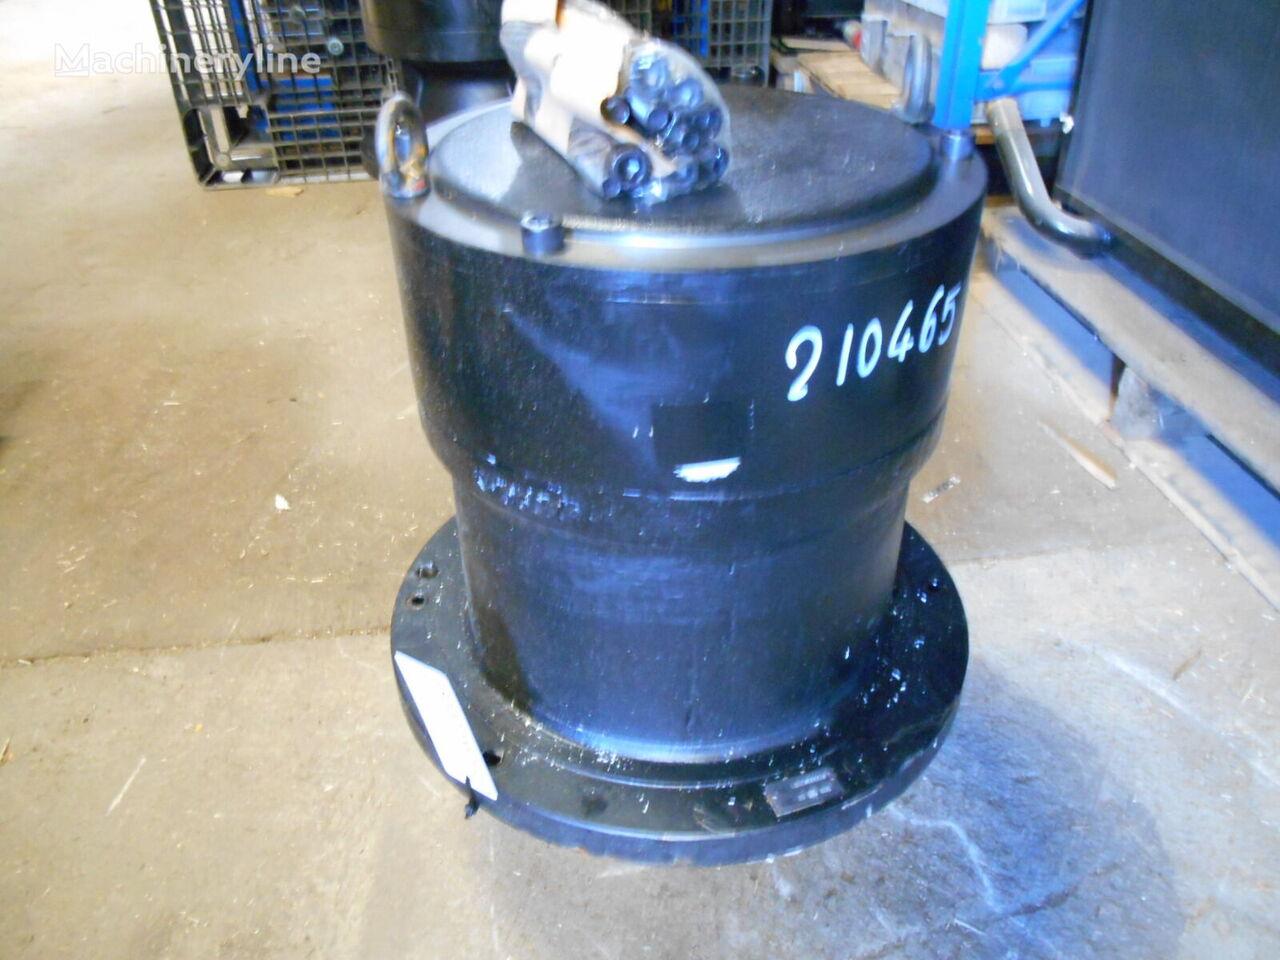 reductor rotativ NEW HOLLAND Kobelco LQ32W00009F1 pentru alte mașini de construcții NEW HOLLAND Kobelco SK250LC-6E